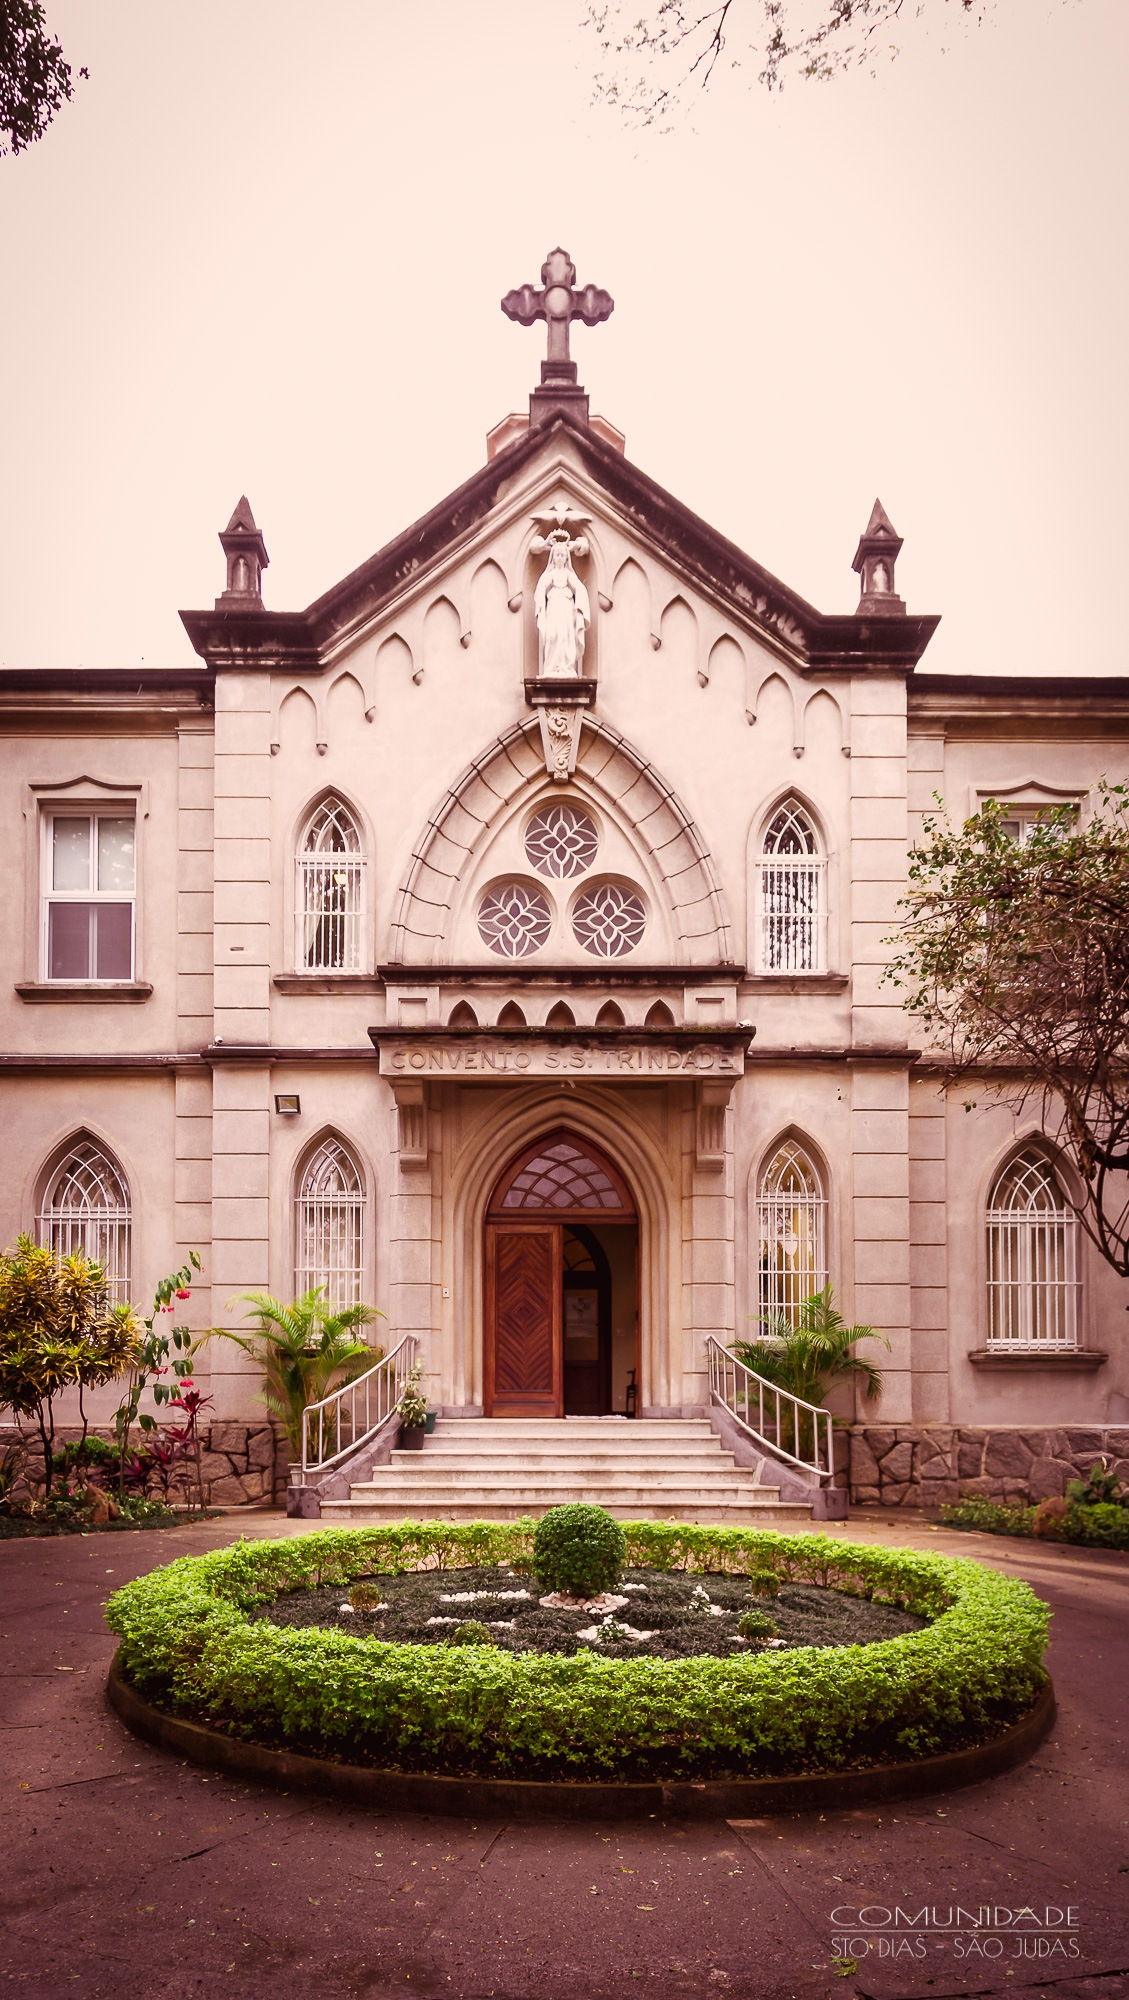 Convento Santíssima Trindade by Adimildo Martinho